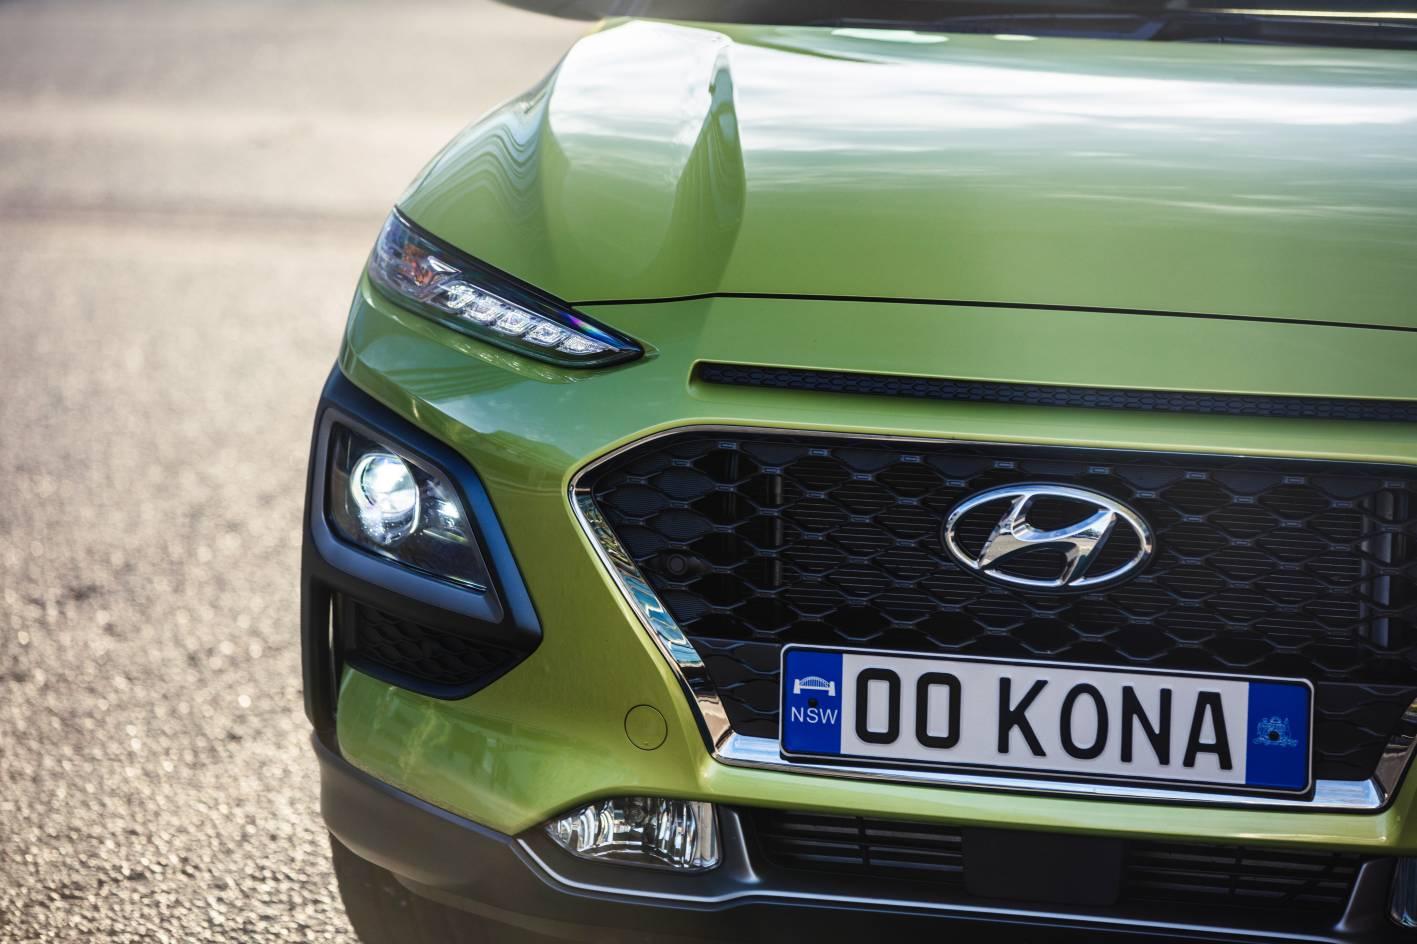 2018 Hyundai Kona general 18.jpg